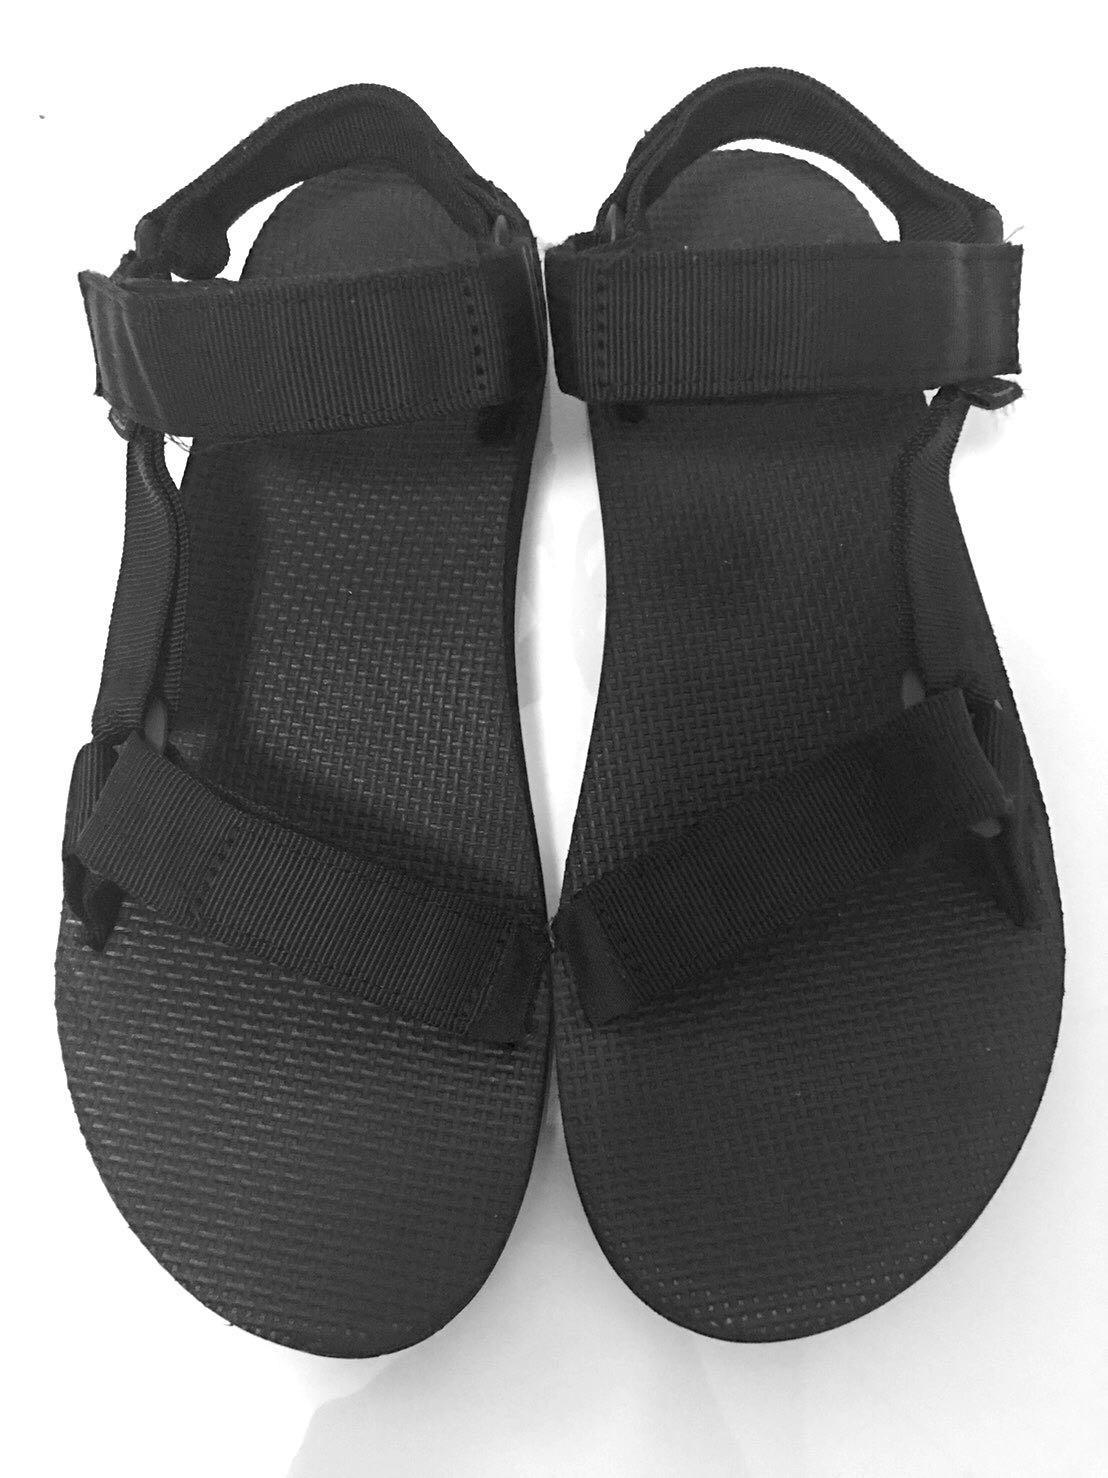 8854297c8 Teva Sandals (Black)